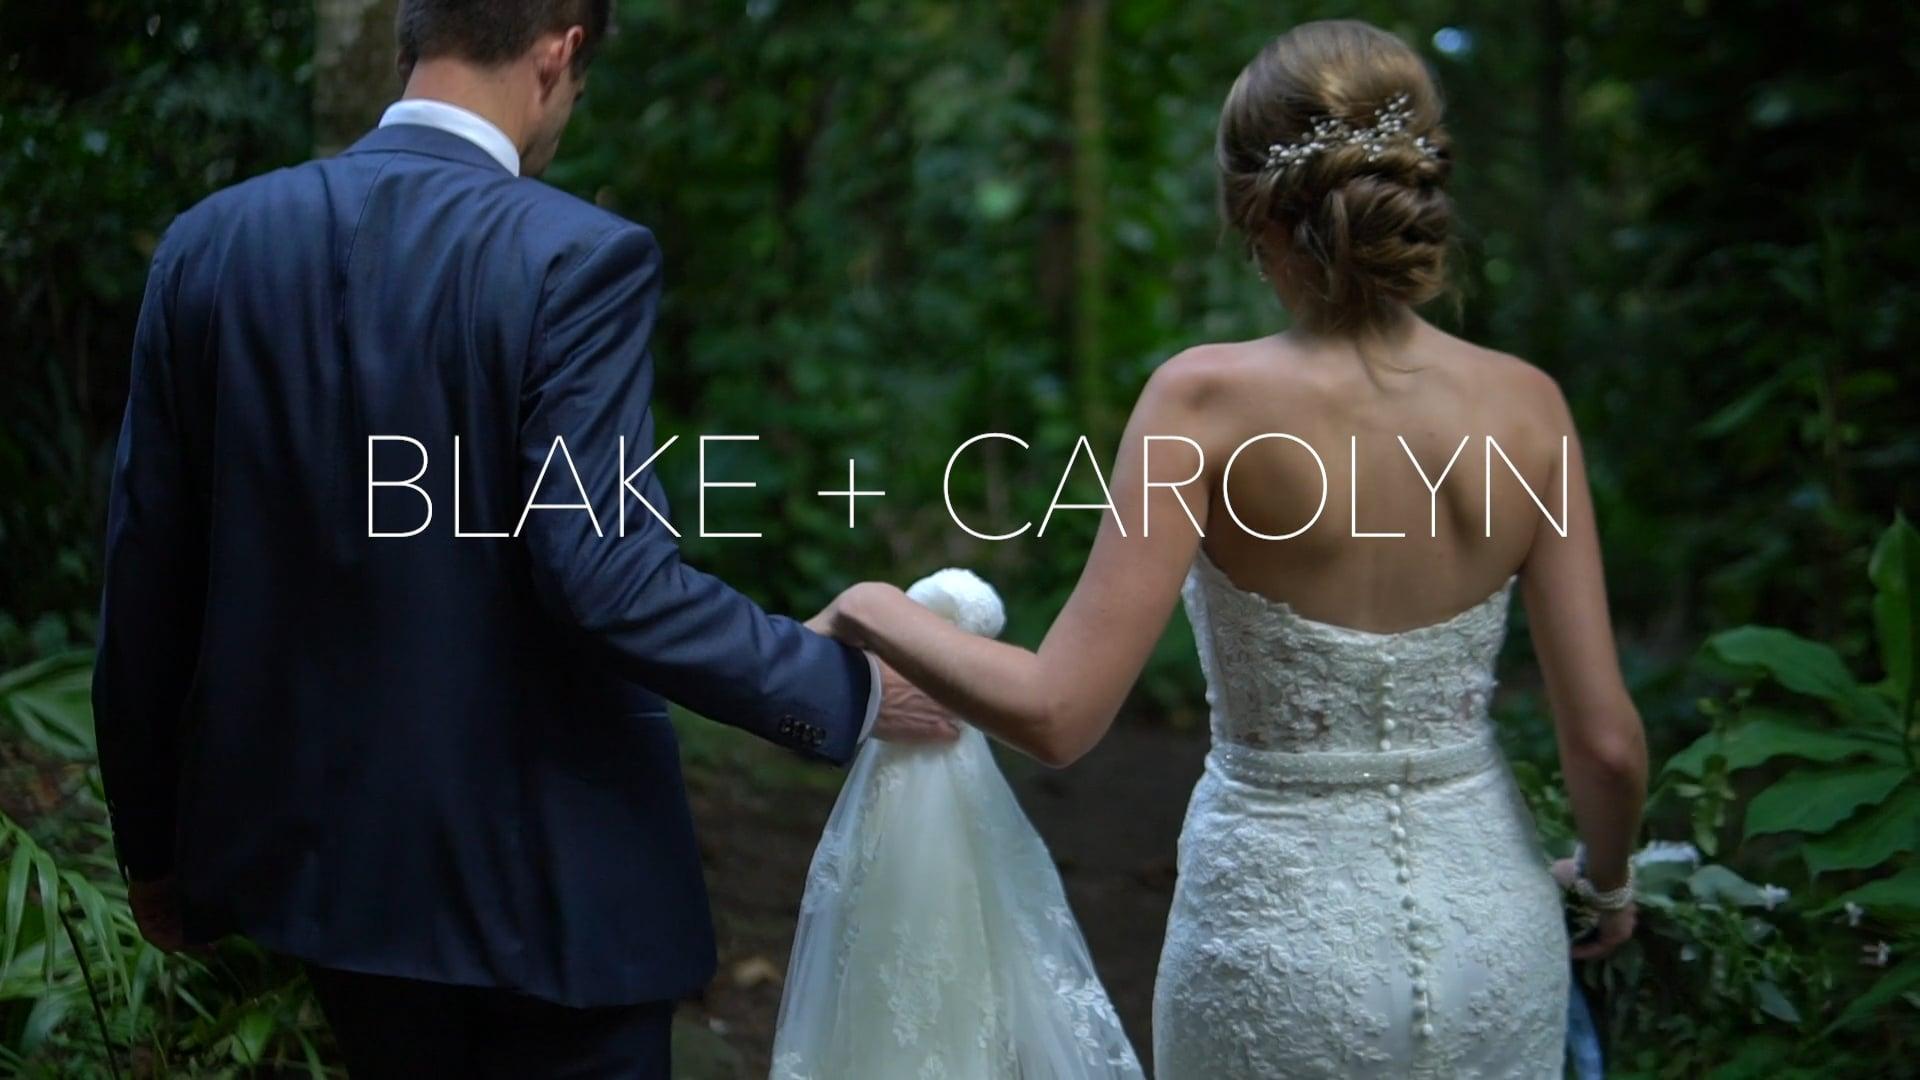 Blake + Carolyn | Wedding Film